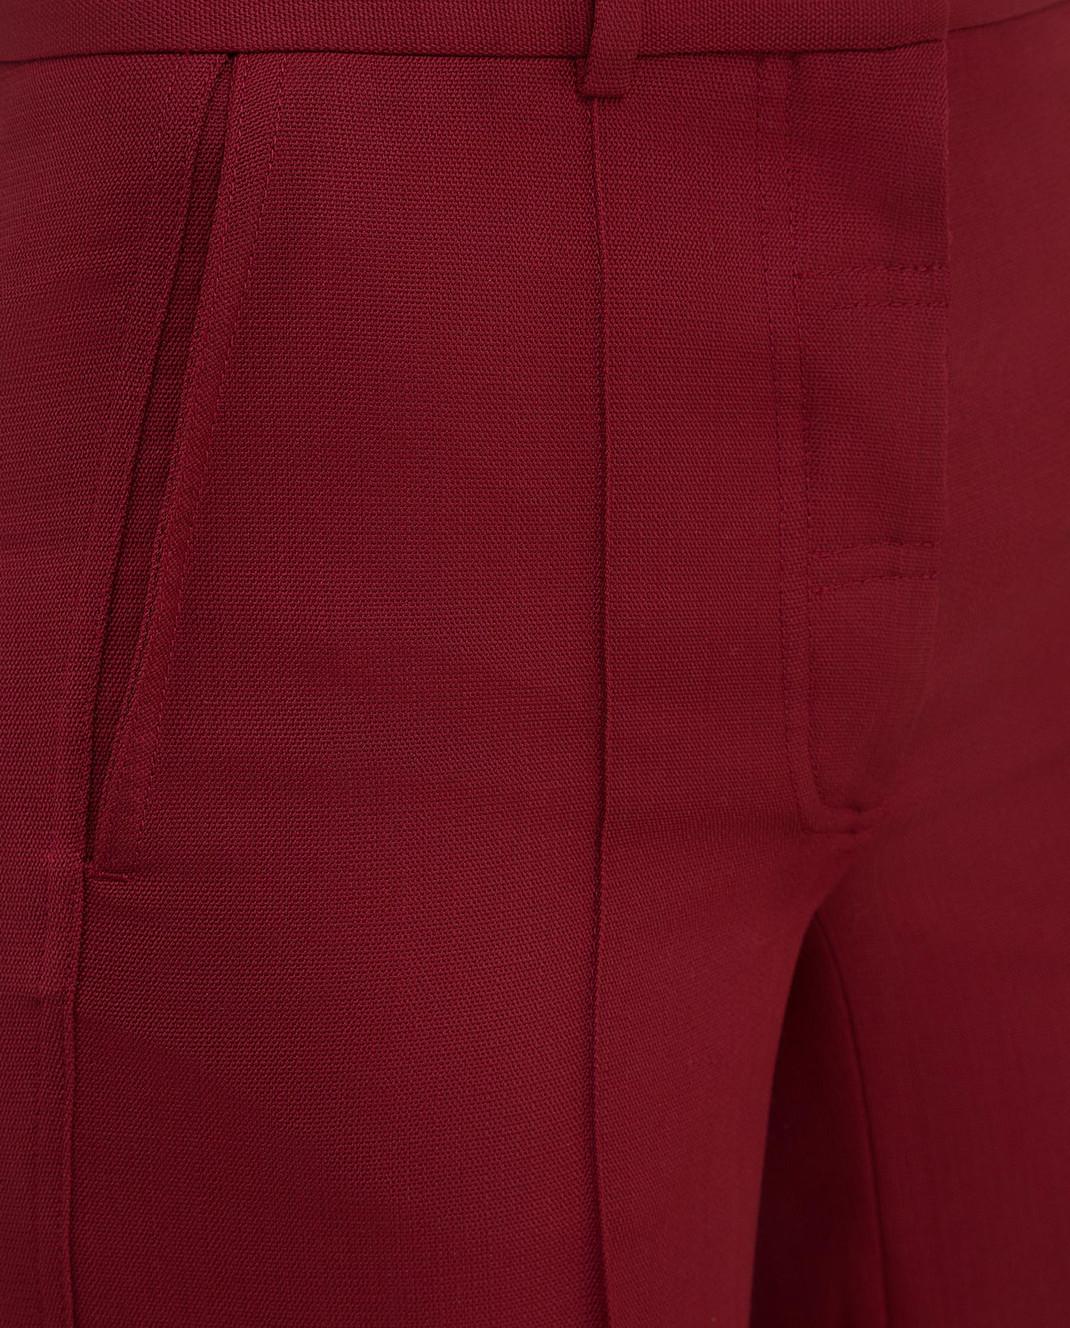 Victoria Beckham Бордовые брюки из шерсти TRWID2500D изображение 5